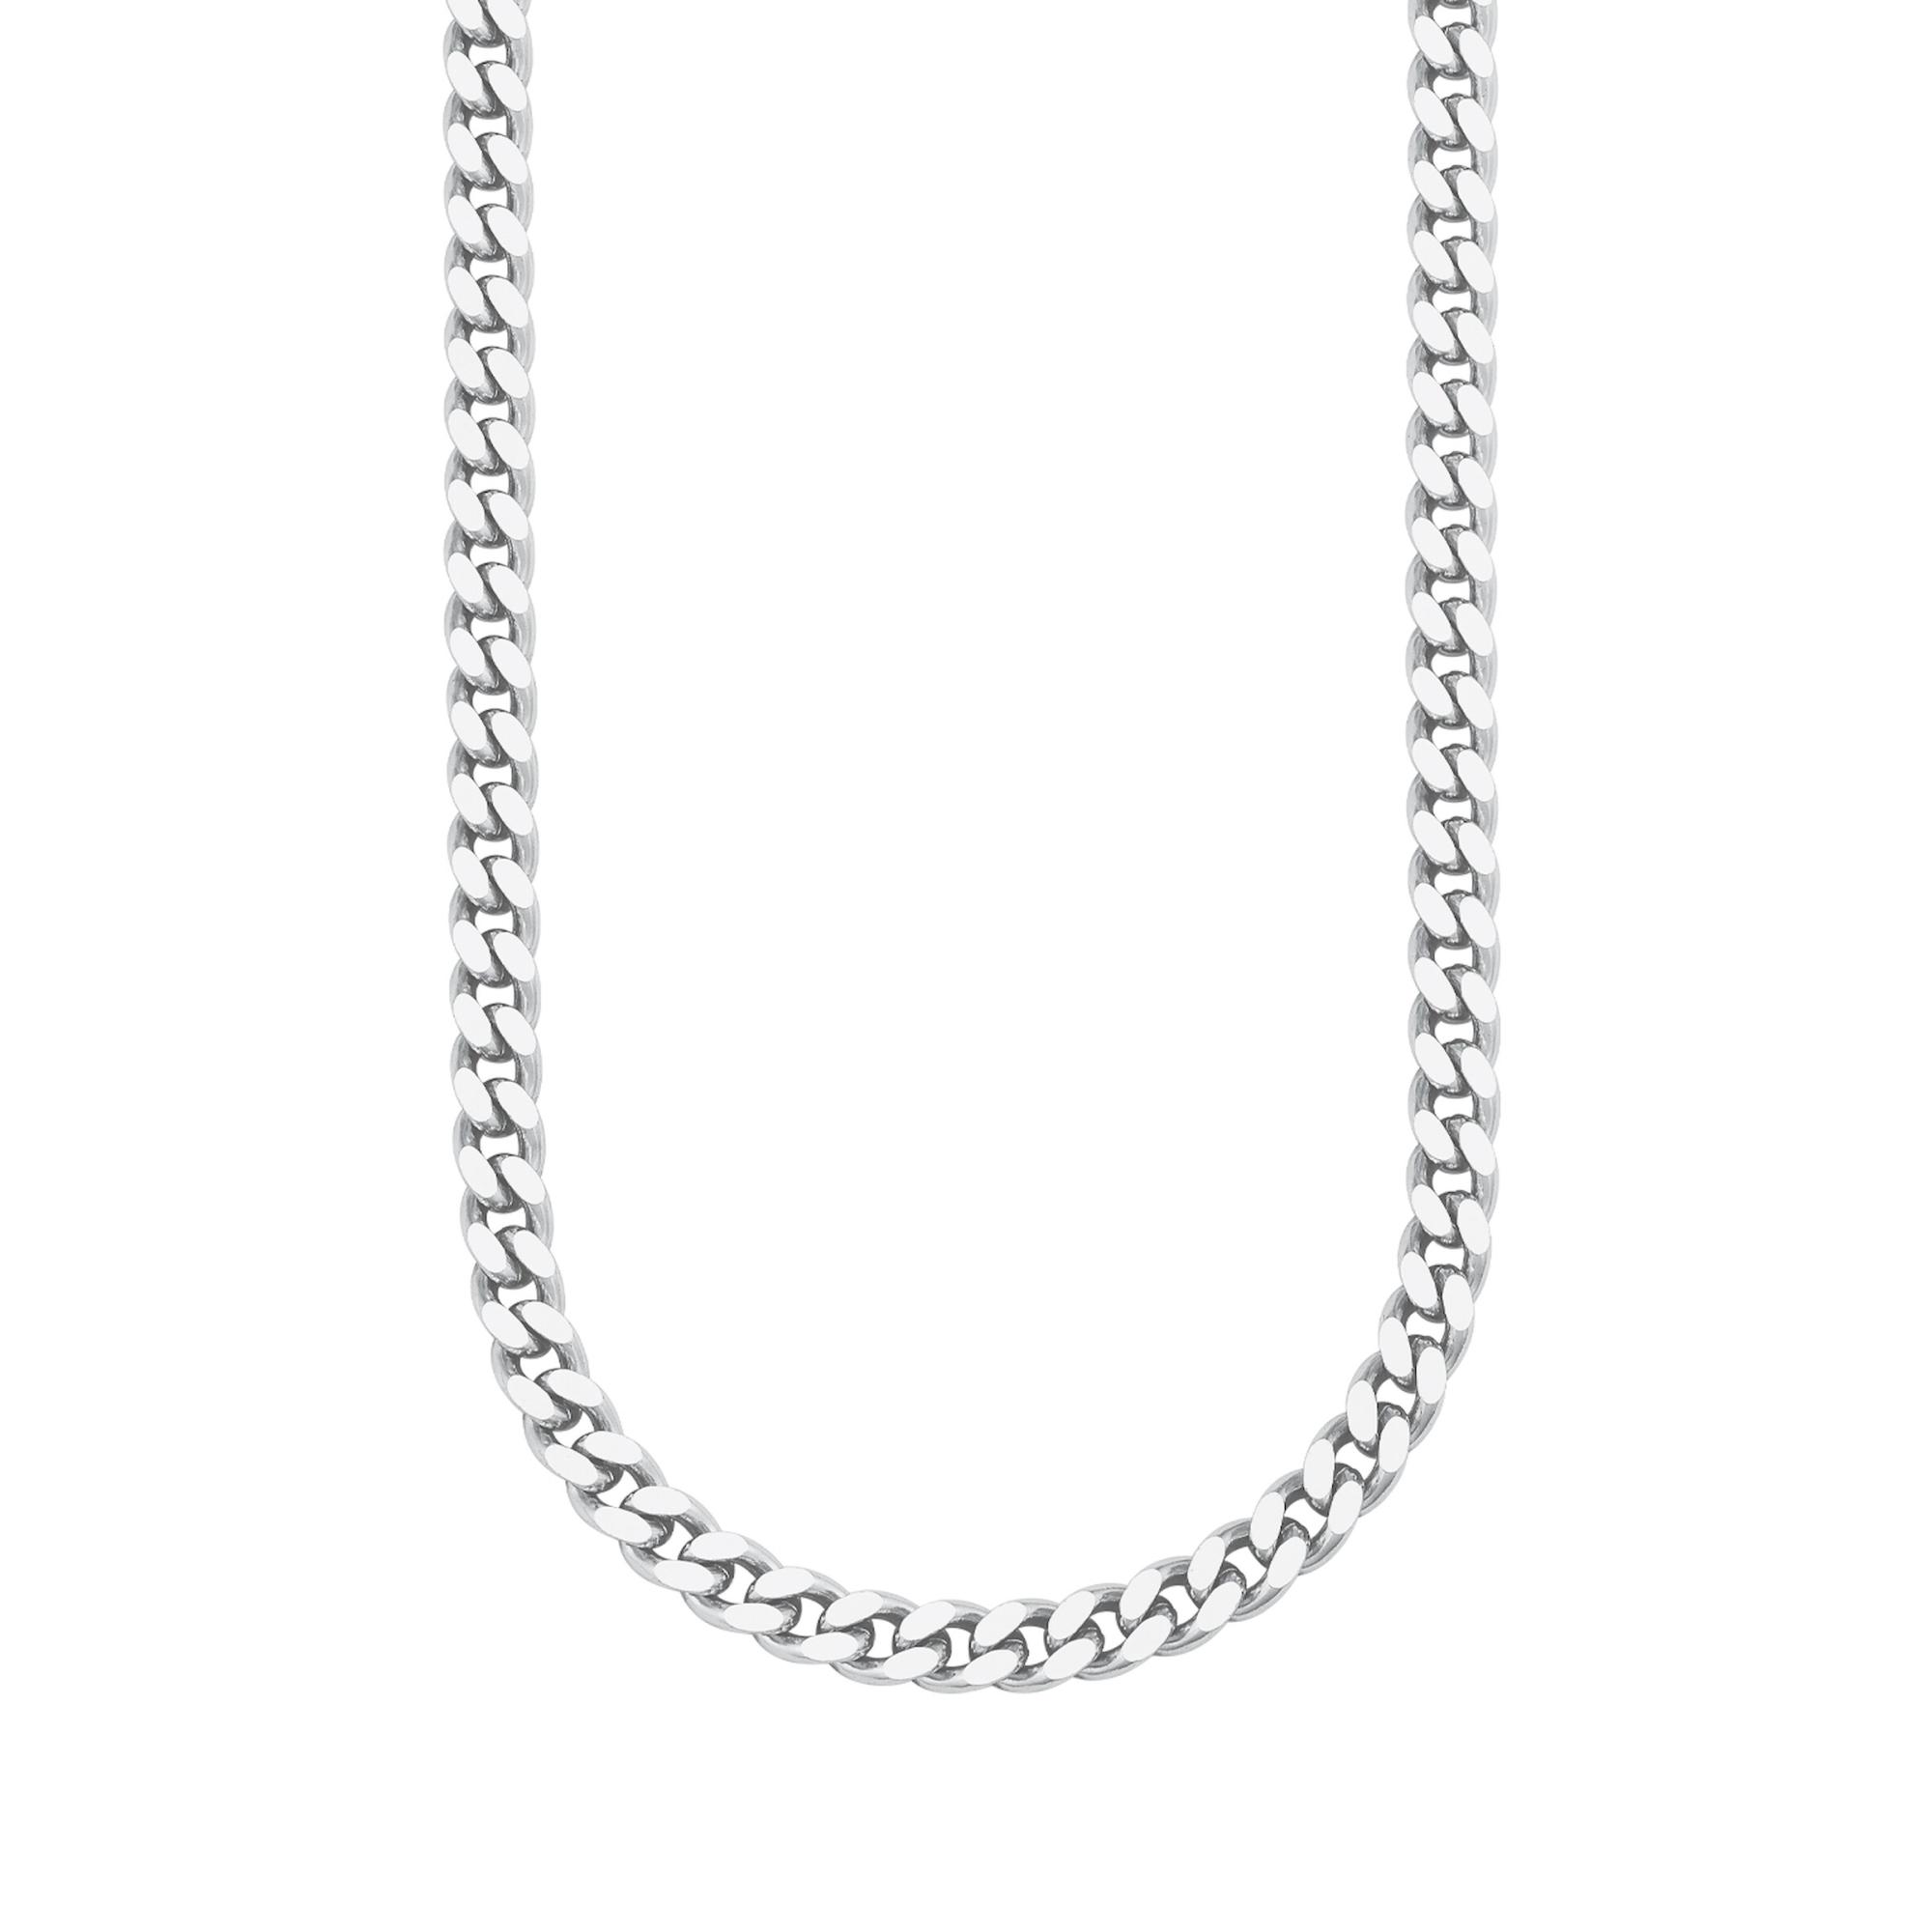 Halskette für Herren, Sterling Silber 925, Motiv